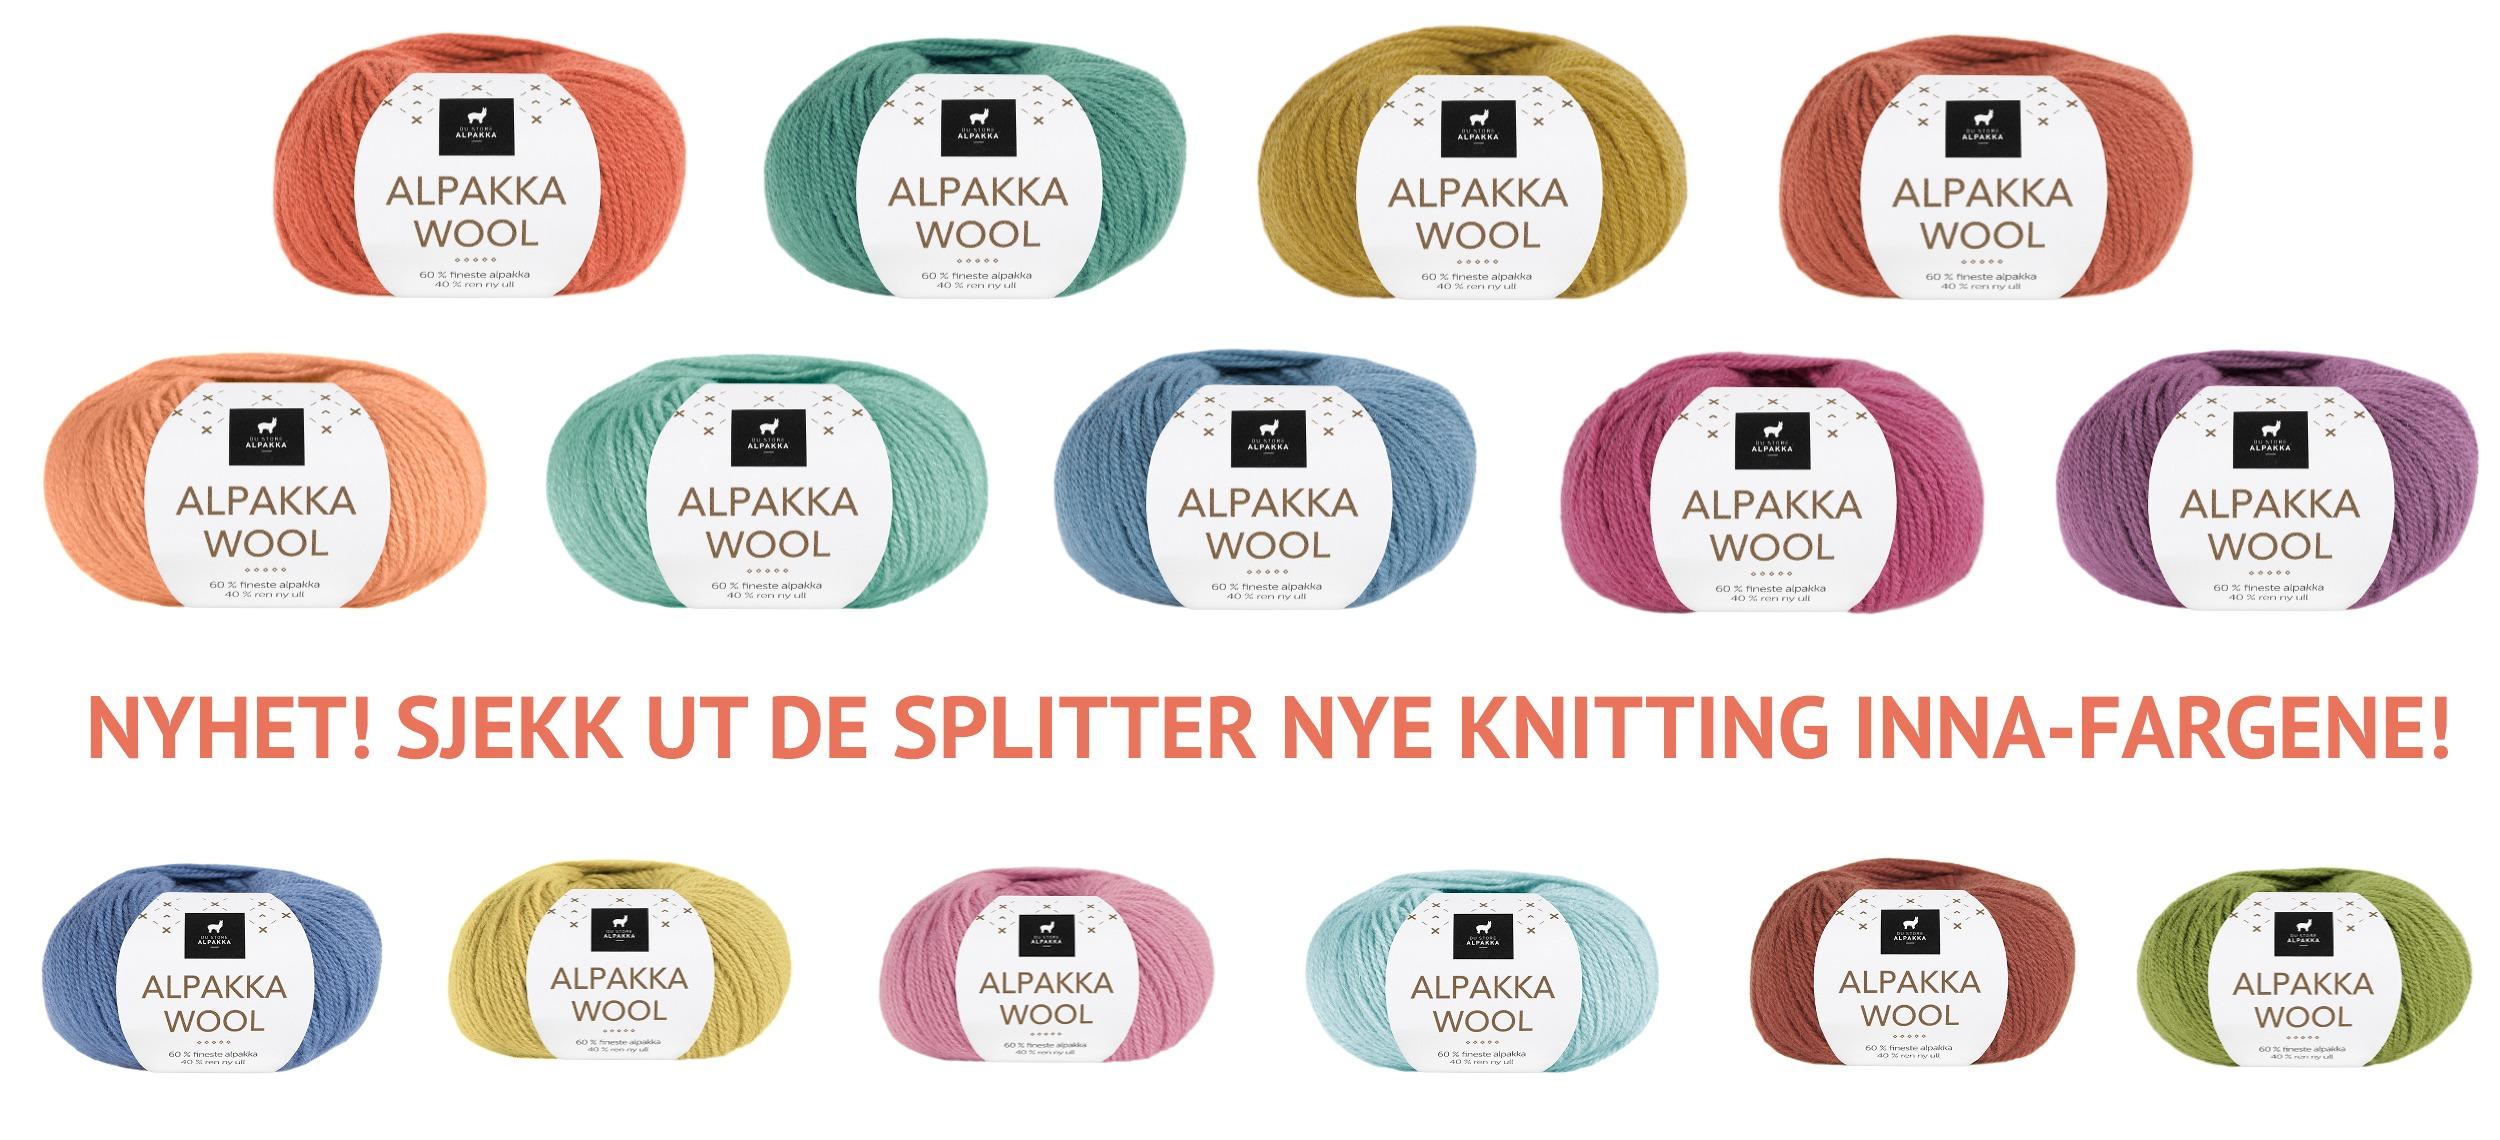 Knitting Inna-fargene